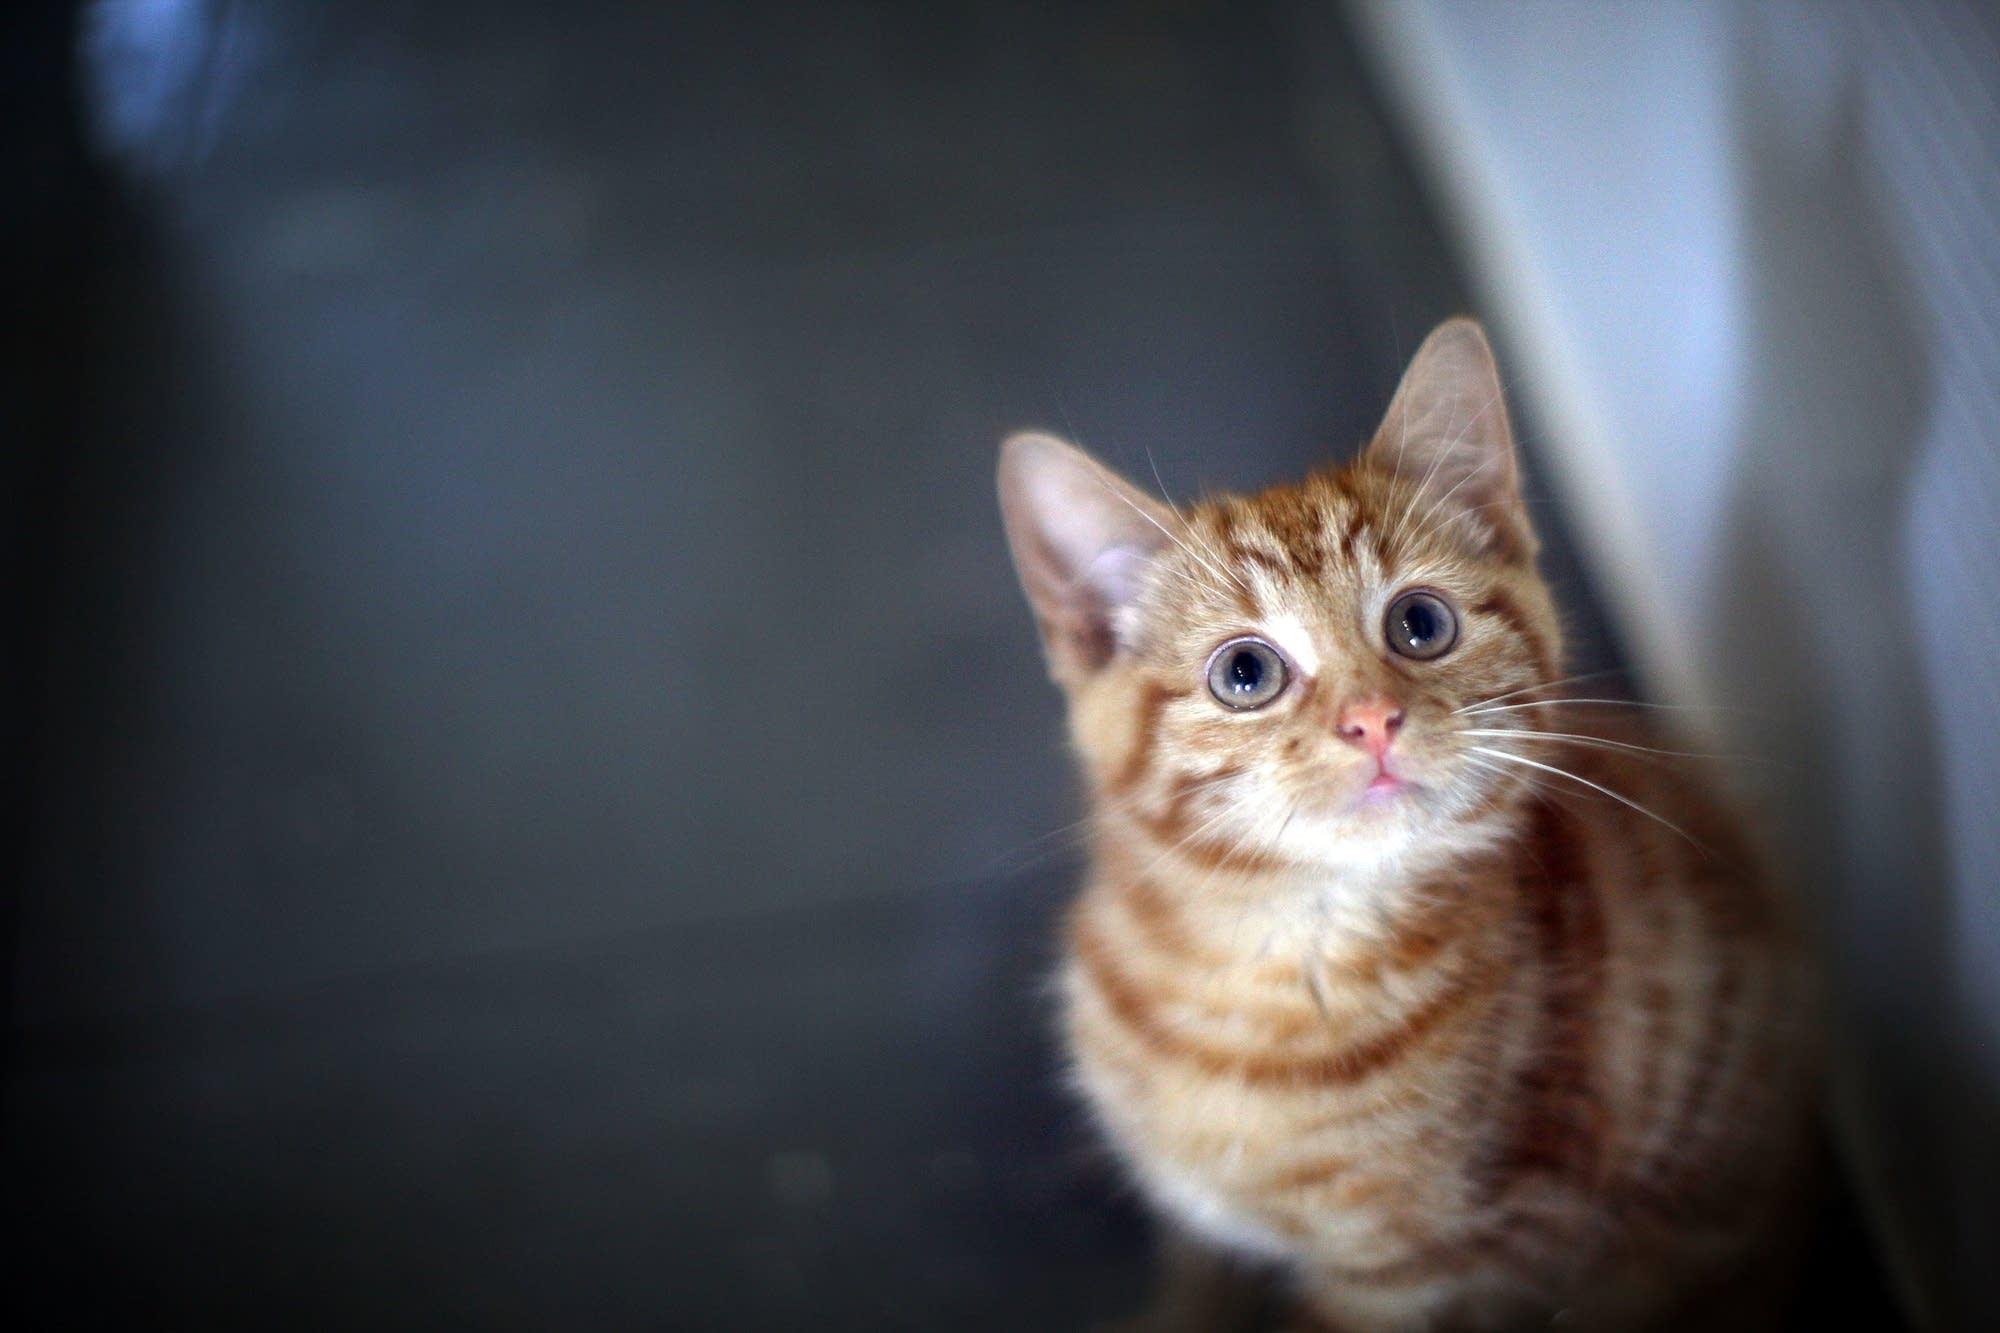 Ảnh nền chú mèo con vằn vàng đáng yêu